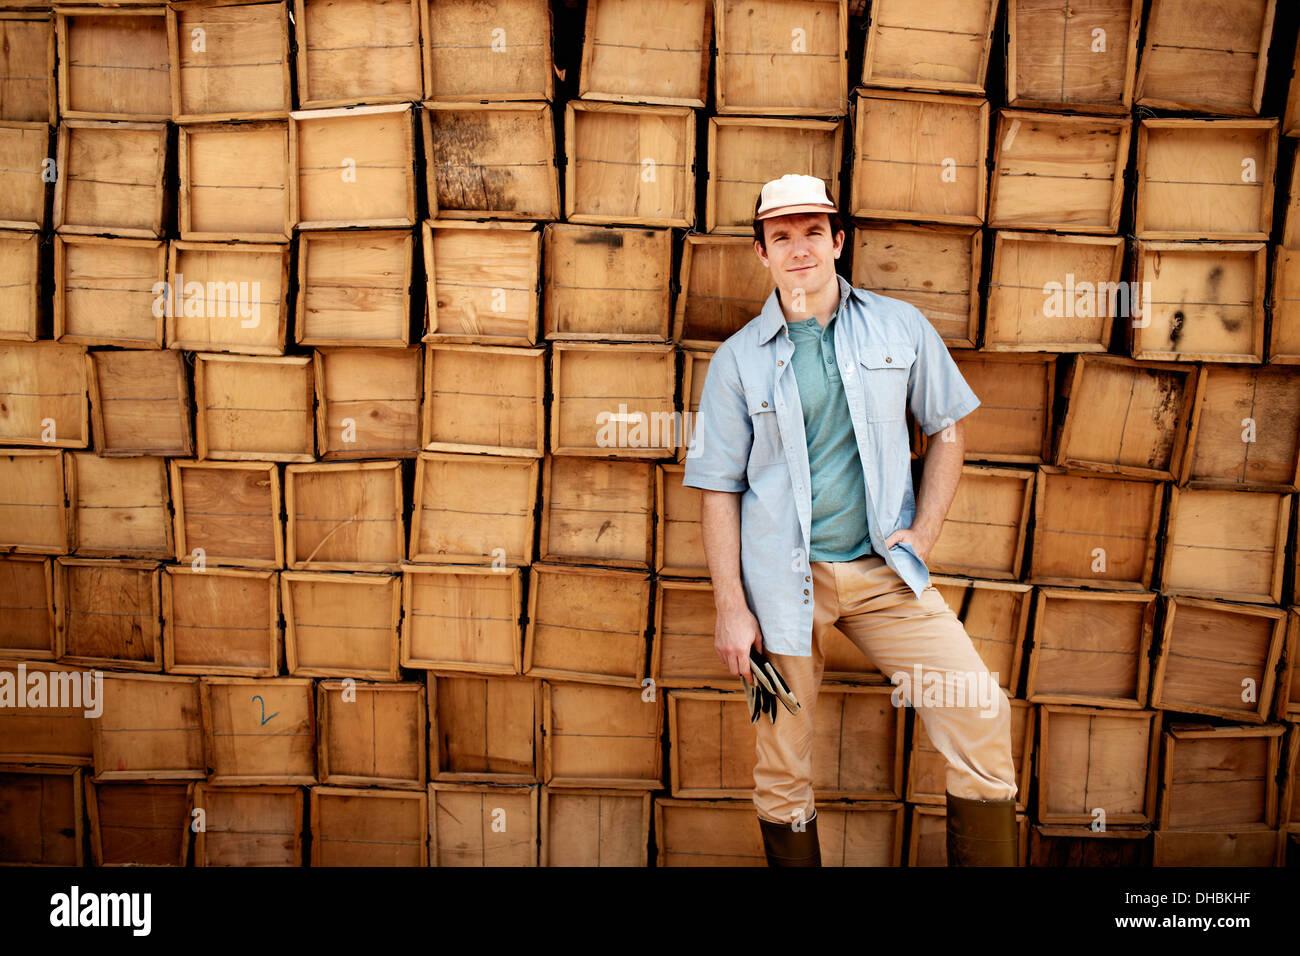 Un fermier debout devant un mur de caisses en bois empilées pour produire. Photo Stock